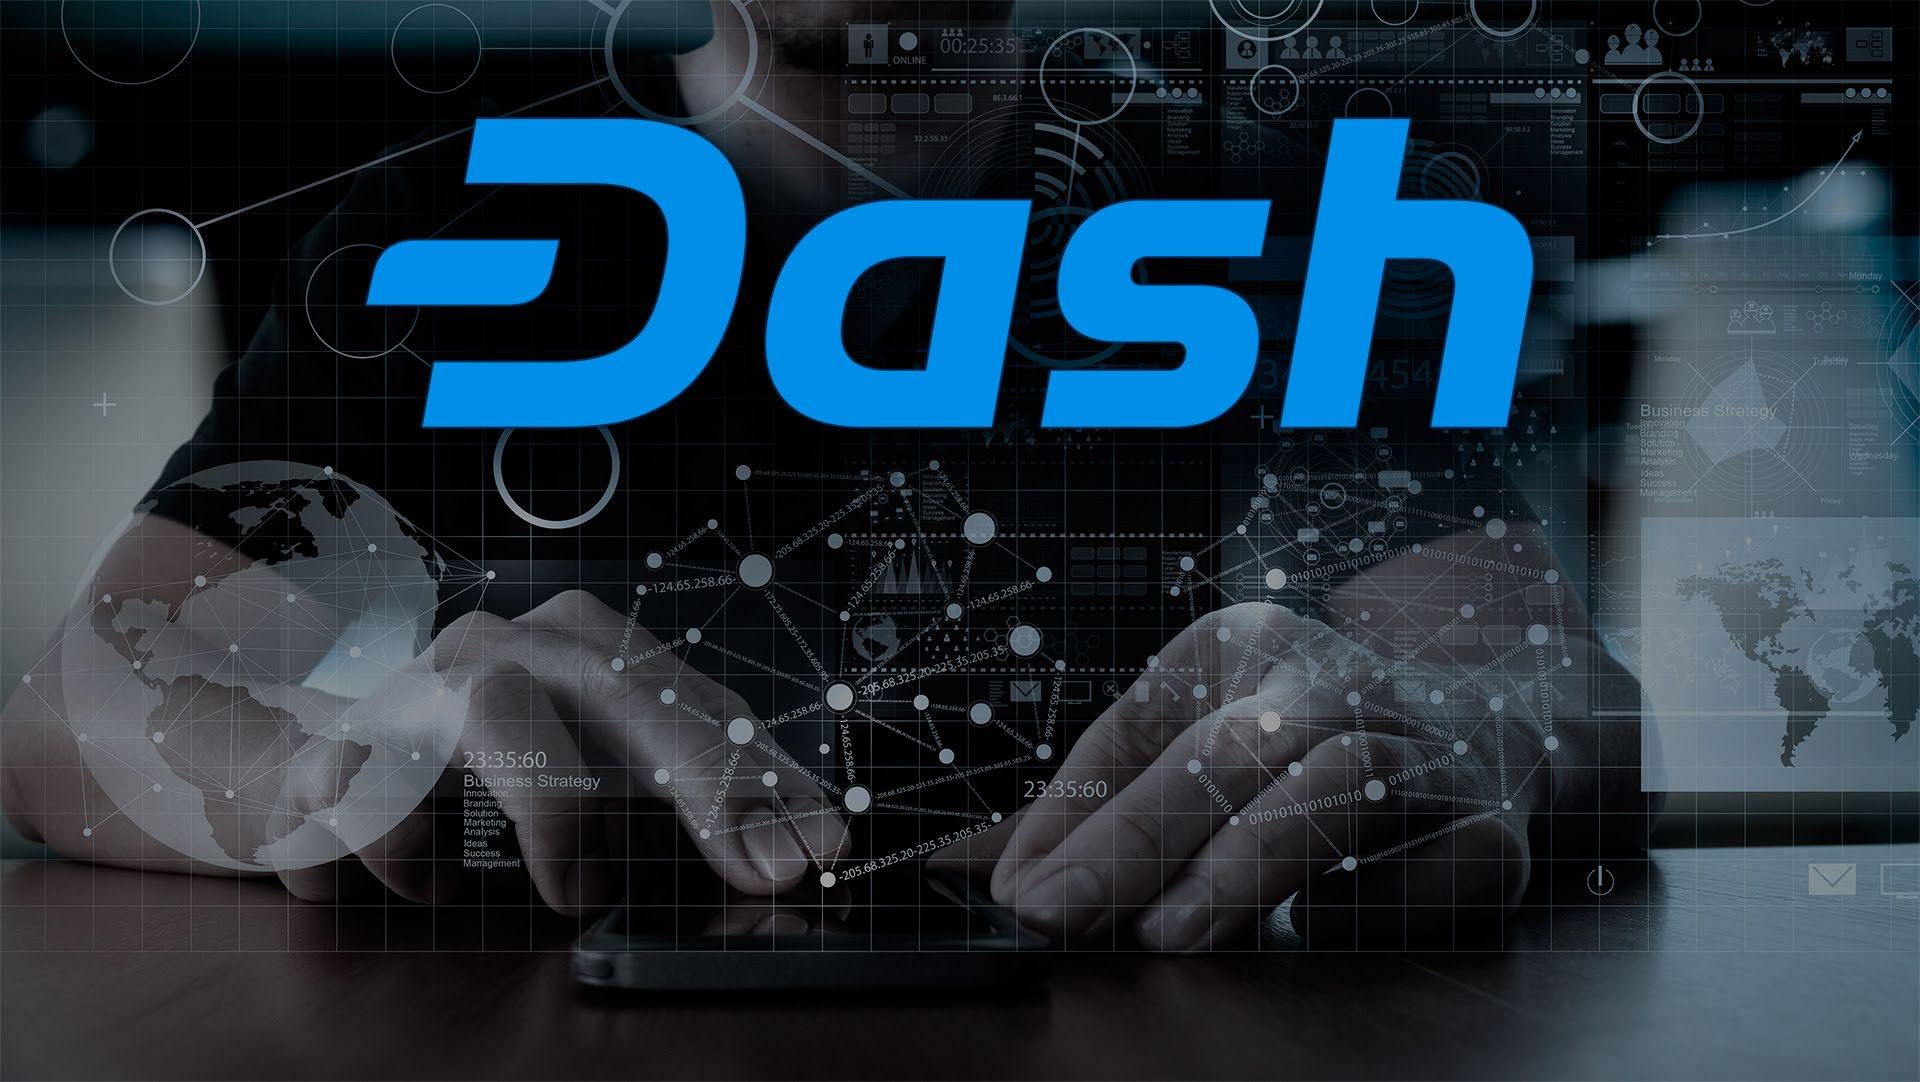 dash-dinheiro-digital-debate-descentralizado-receita-criptomoedas-bitcoin-governo